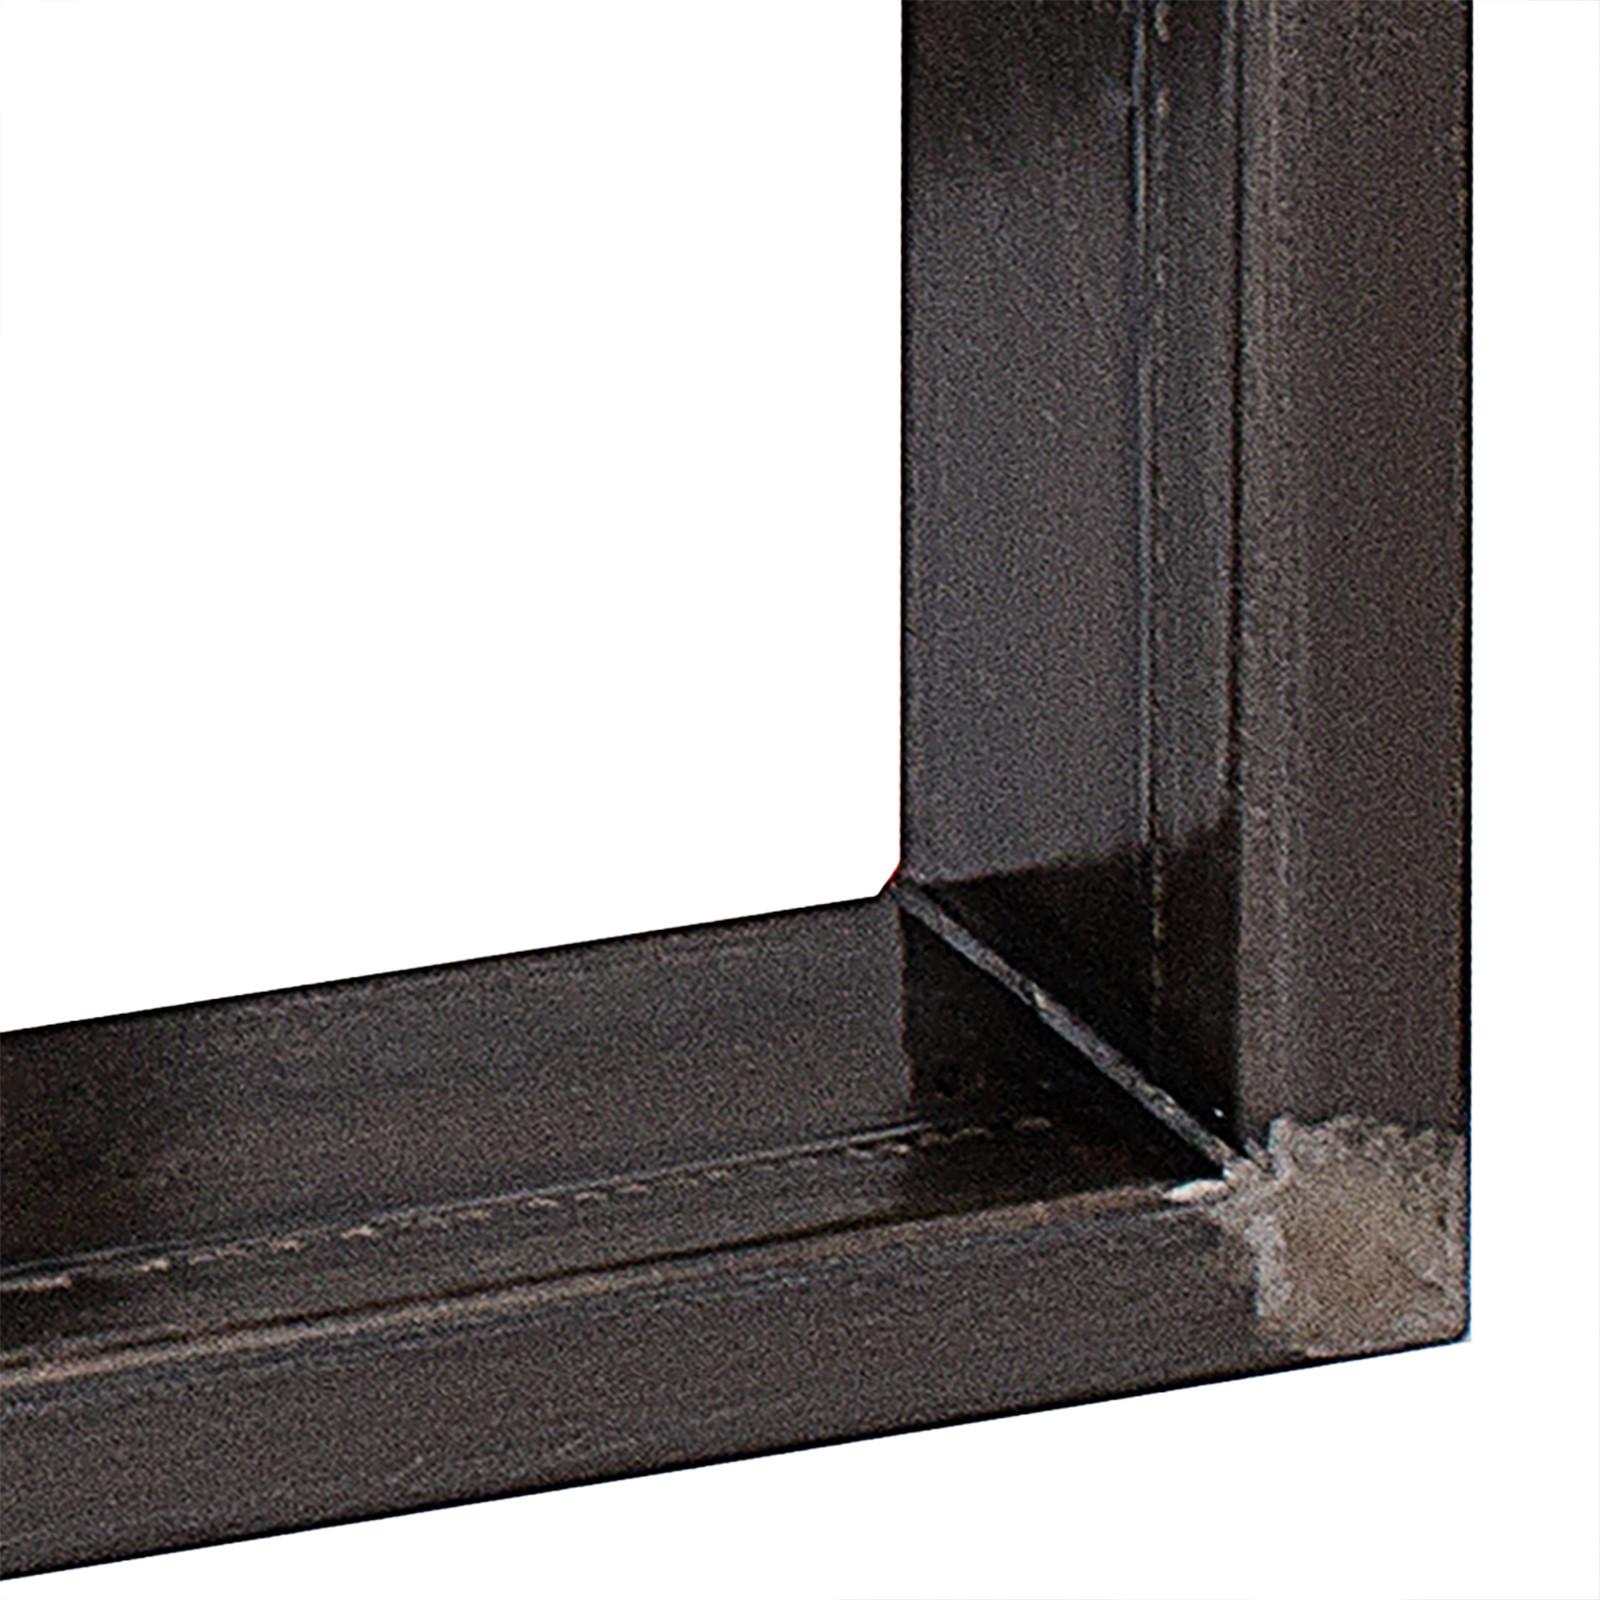 2x-Gambe-per-tavolo-piedi-tavolo-72X-100-CM-Salotto-Cucina-stile-industriale miniatura 8